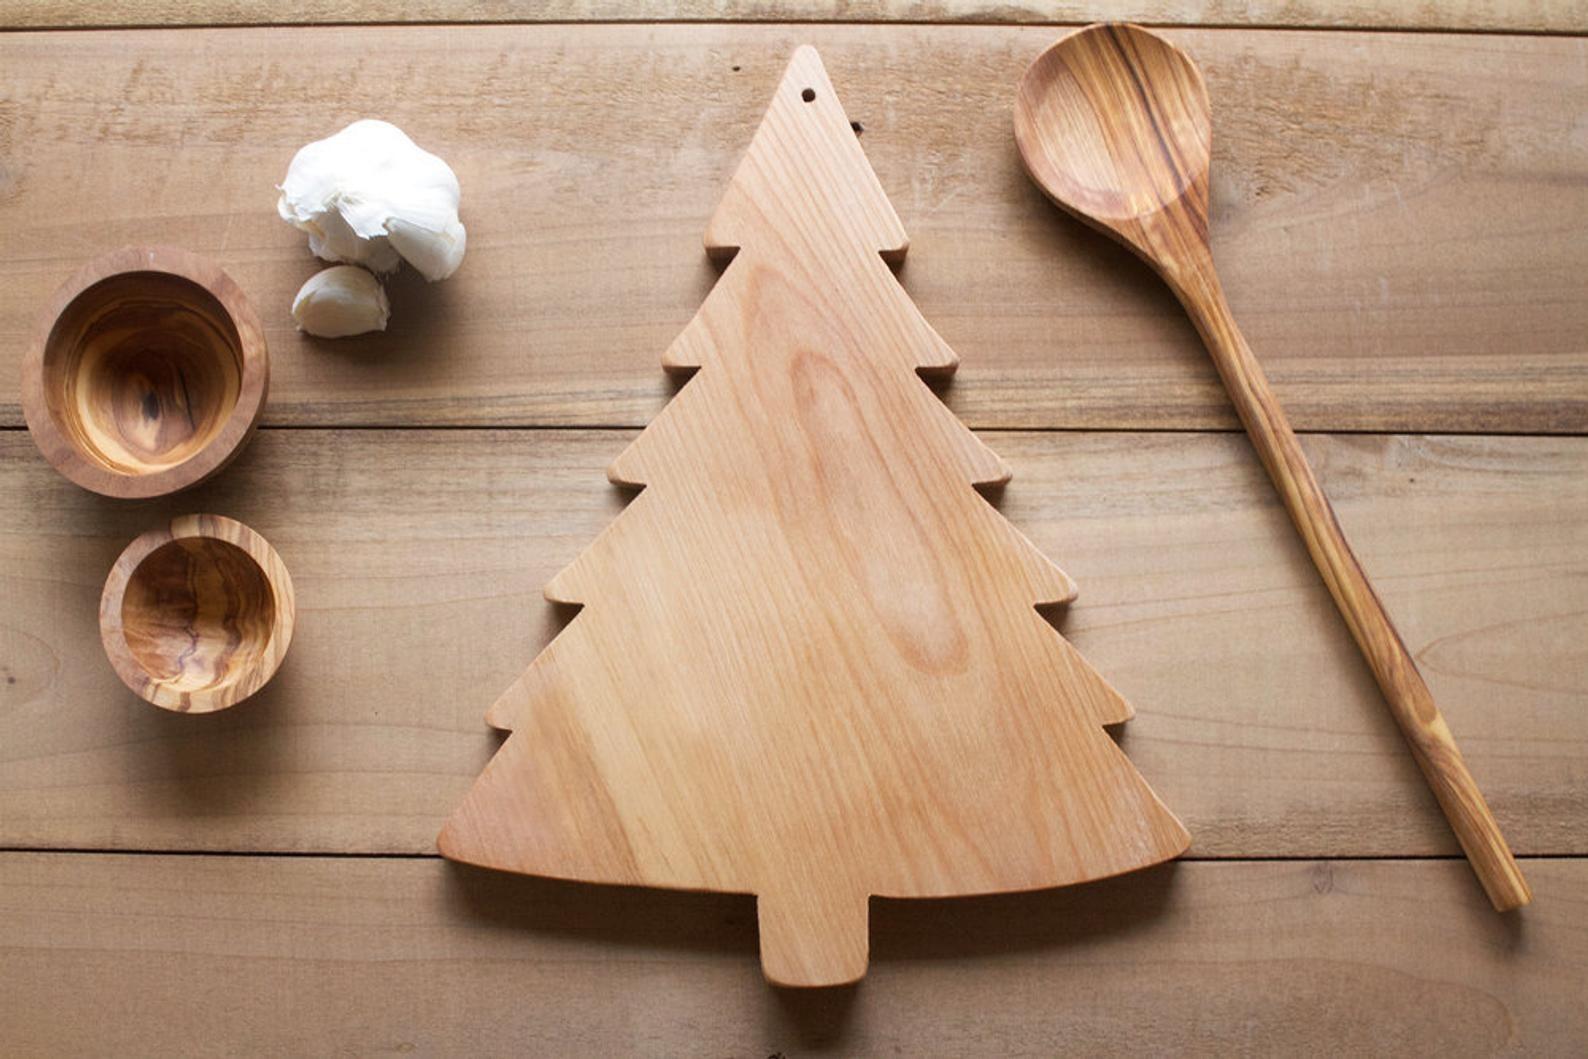 Pine tree cutting board